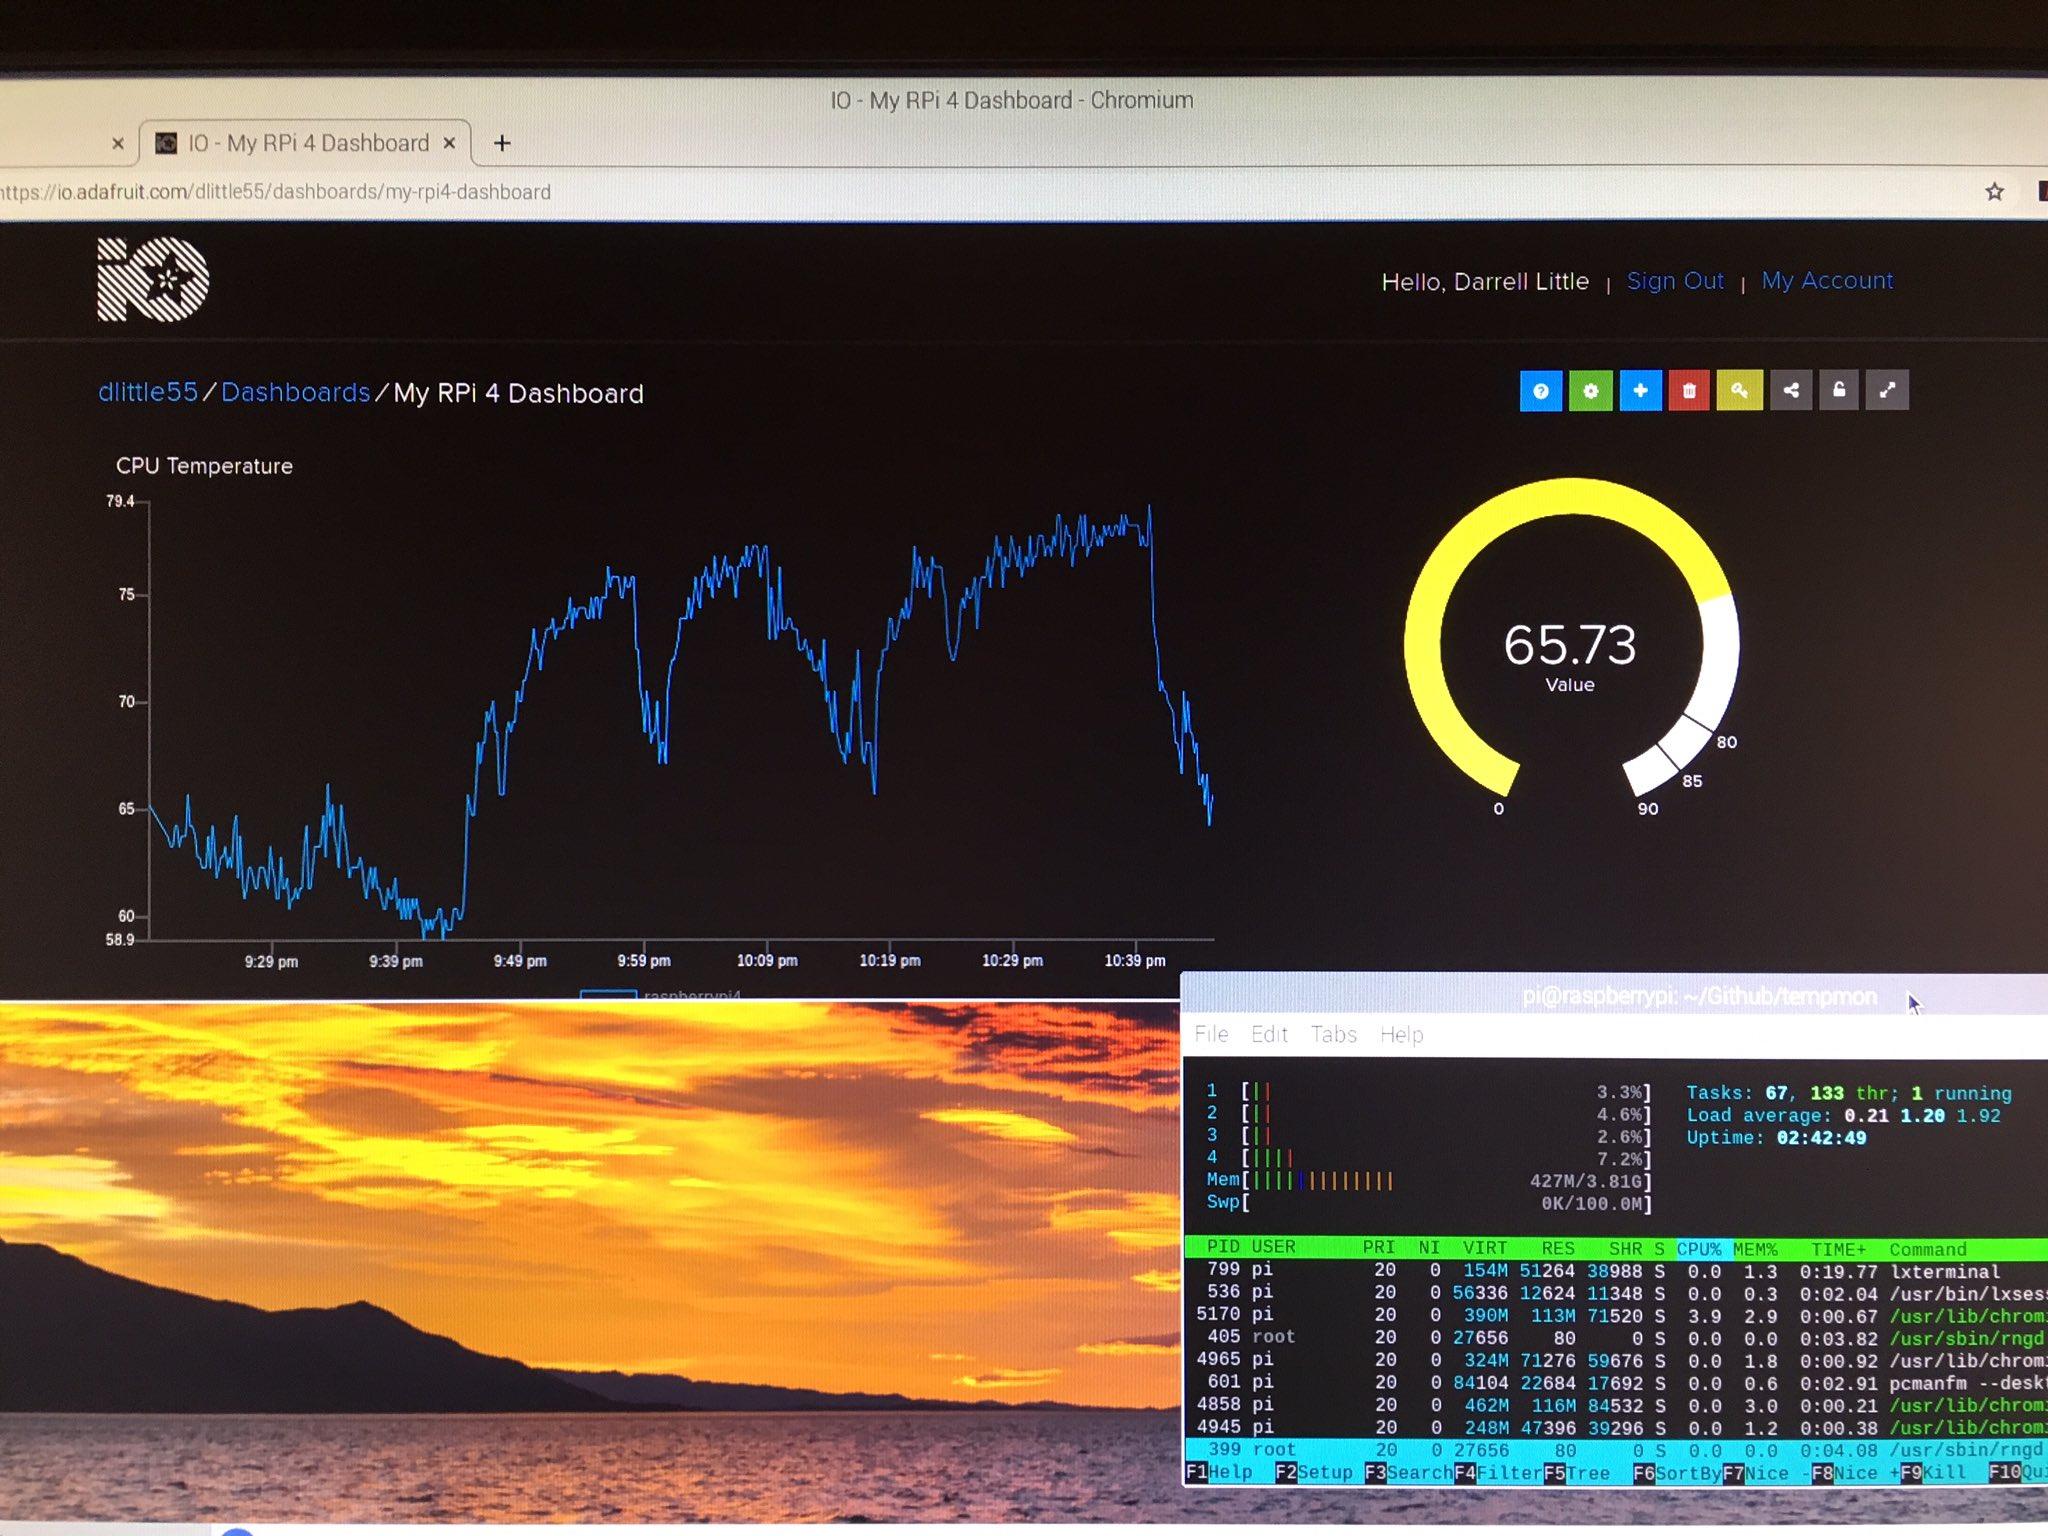 Logging Raspberry Pi 4 CPU Temperature Data using Adafruit IO